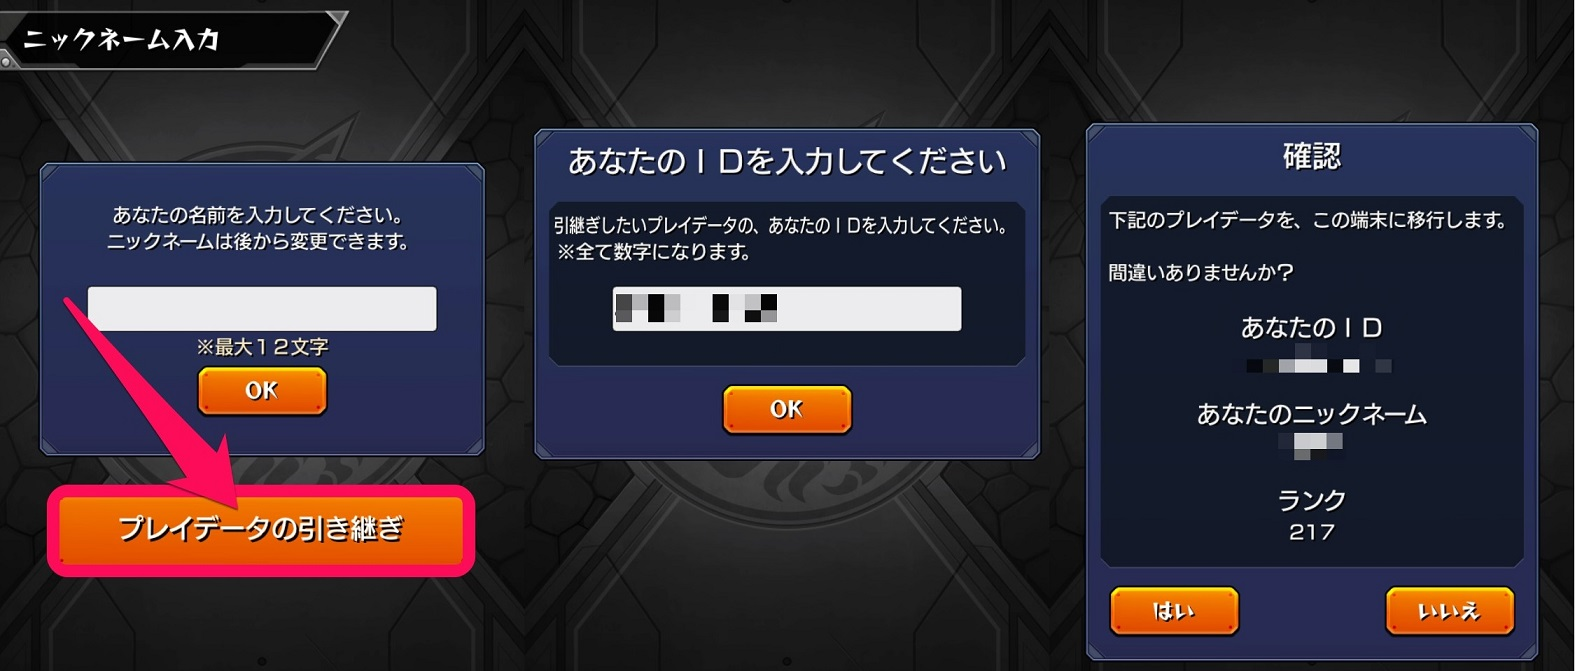 【スマホゲームデータ引き継ぎまとめ】モンスターストライク(モンスト)